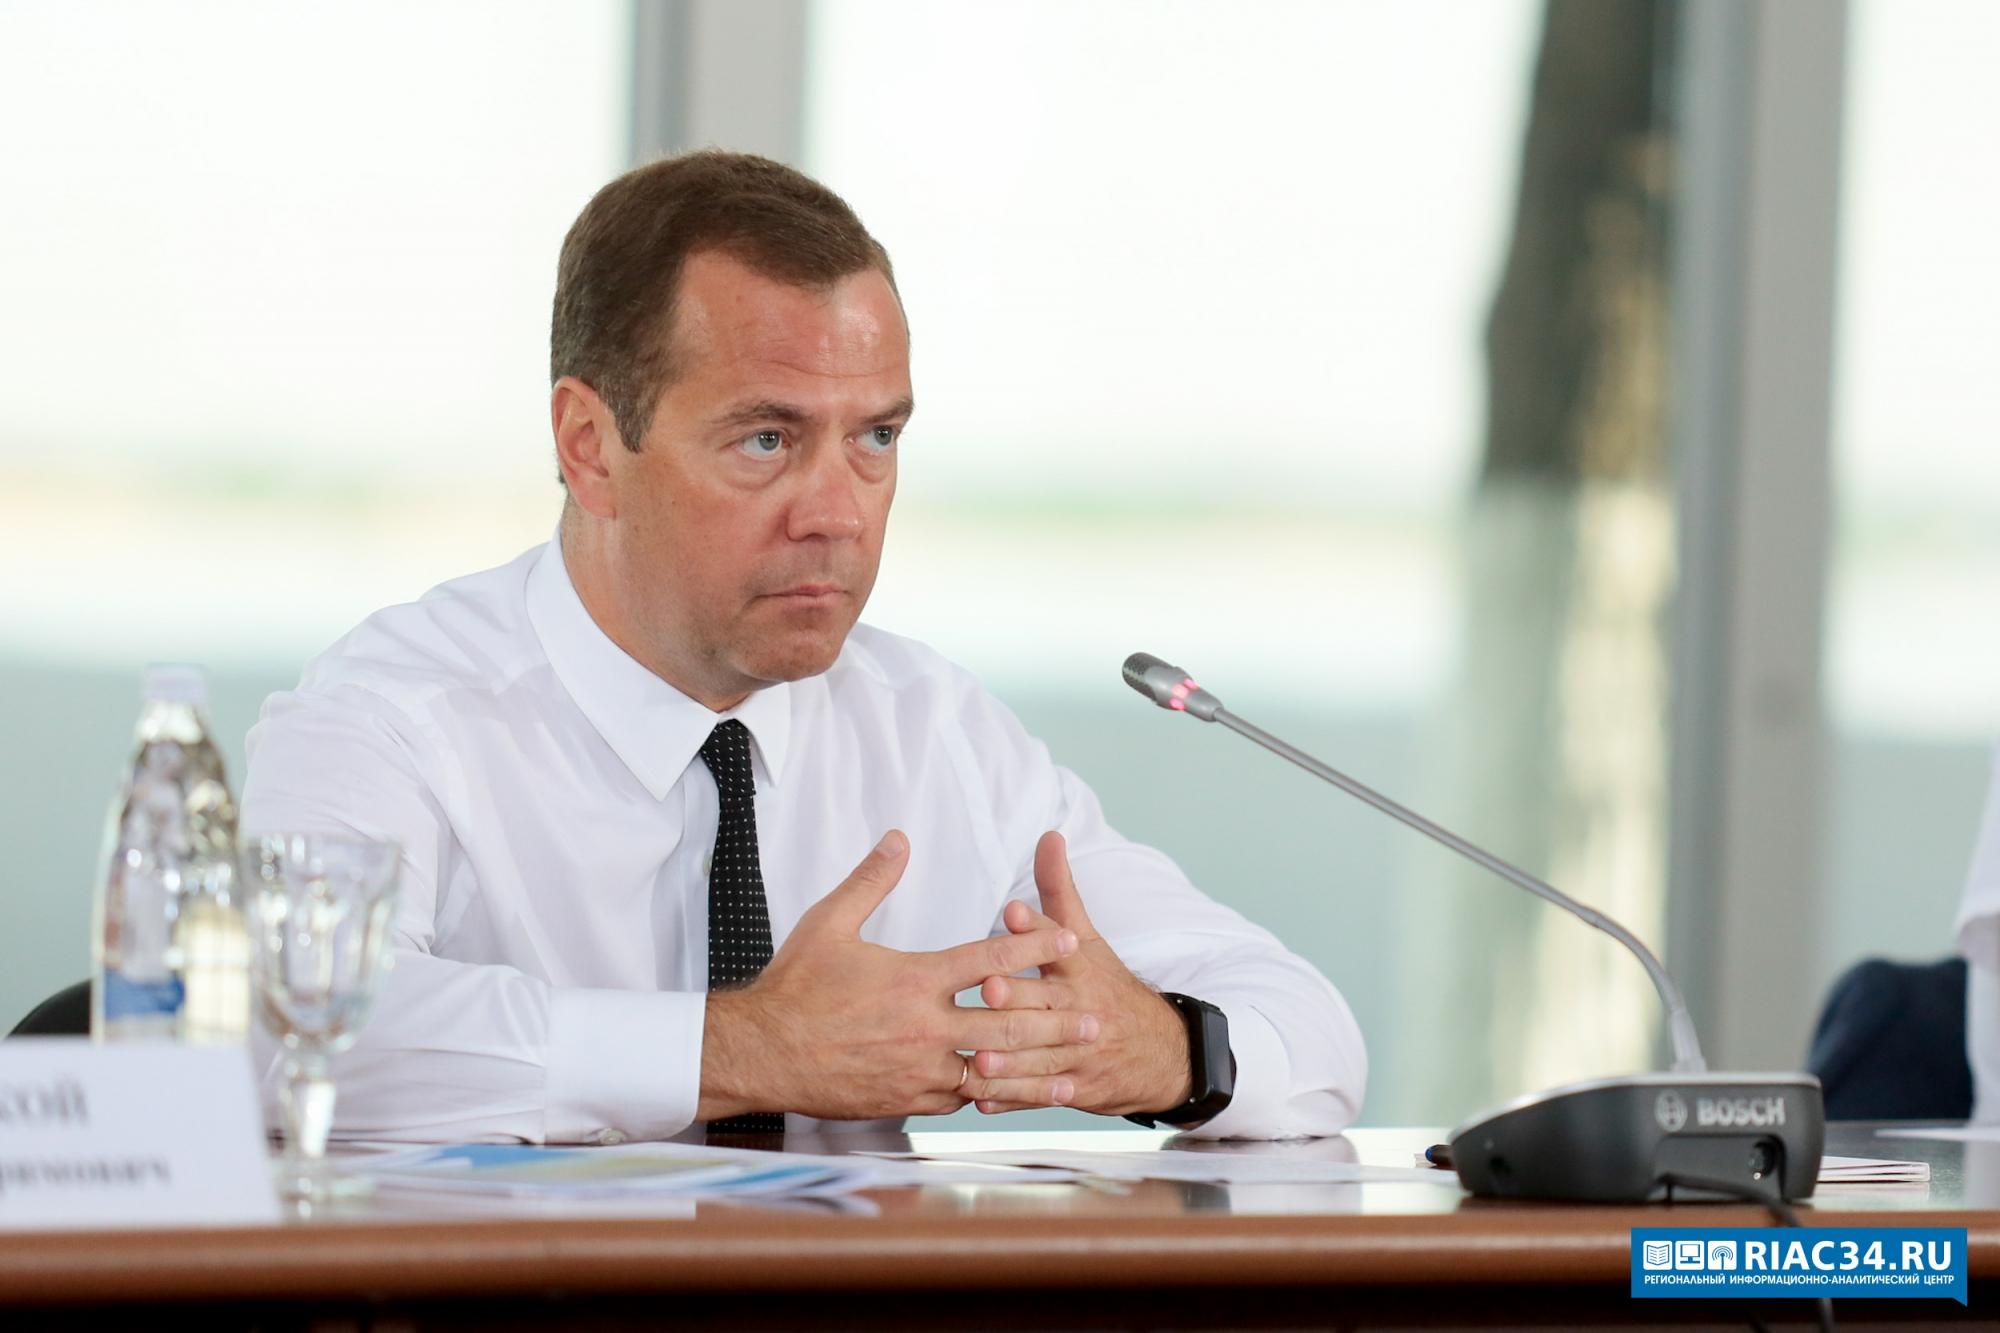 Волгоградская область усиливает федеральный курс по поддержке людей